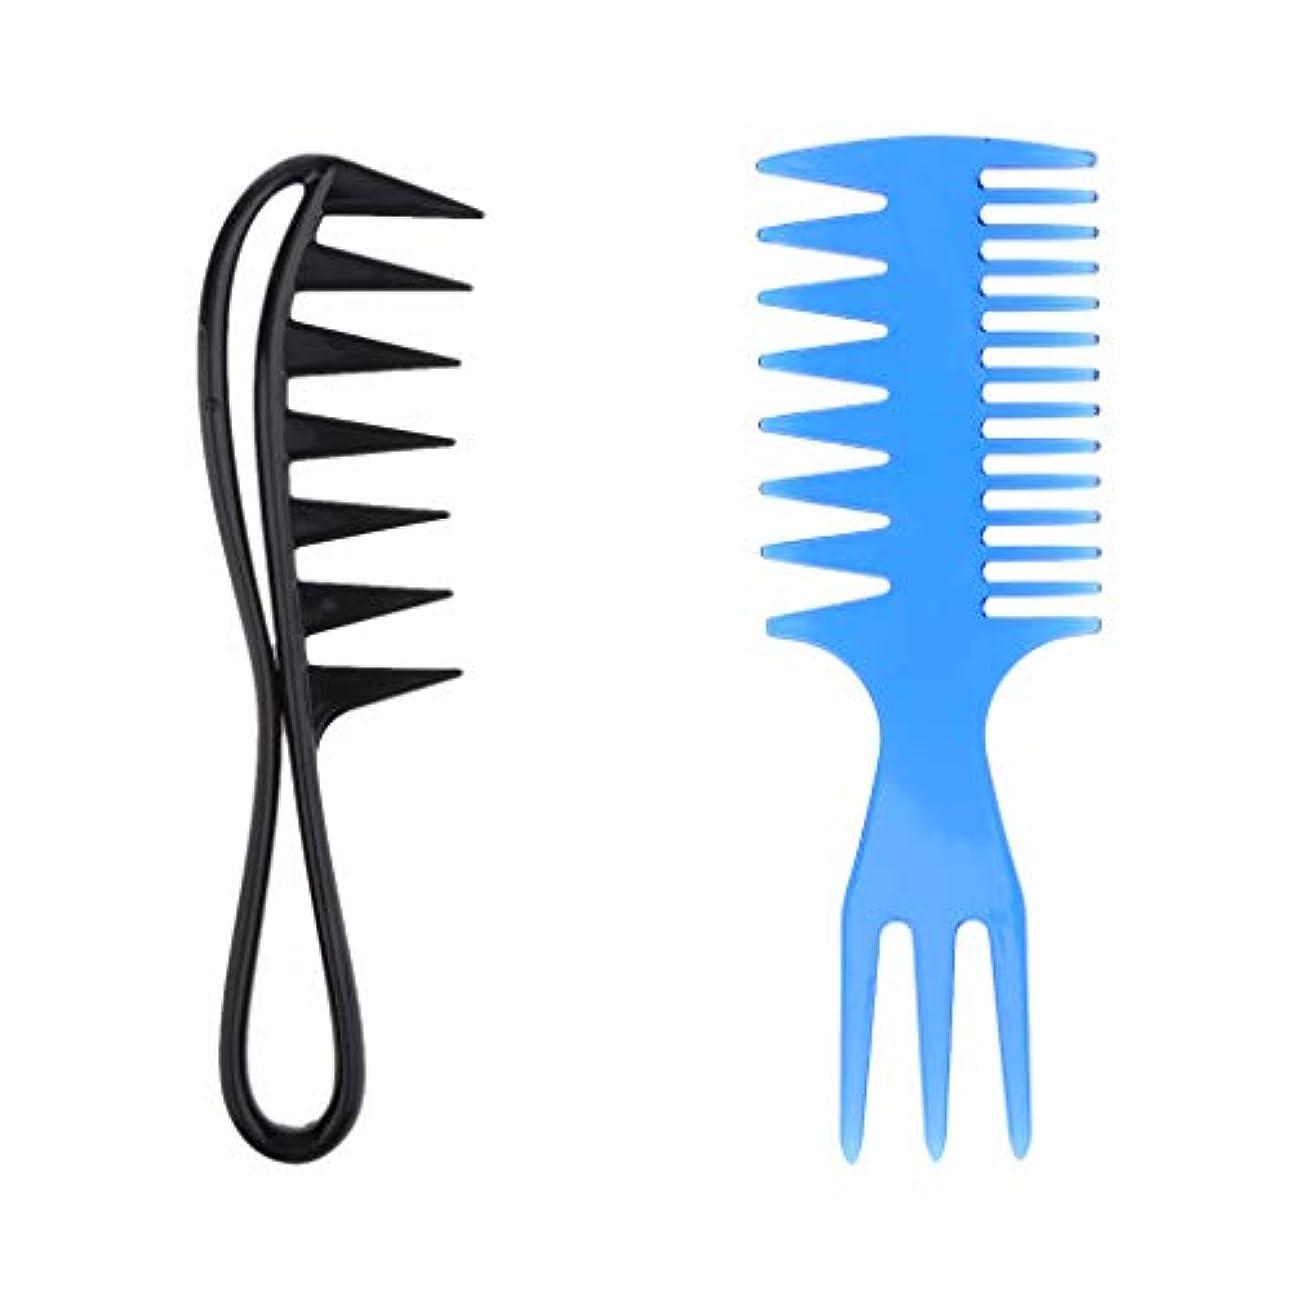 起きろ減衰信頼性のあるFLAMEER 全2個 ヘアコーム 男性用 ワイドトゥースコーム ヘアブラシ 髪染め ヘアカットのため